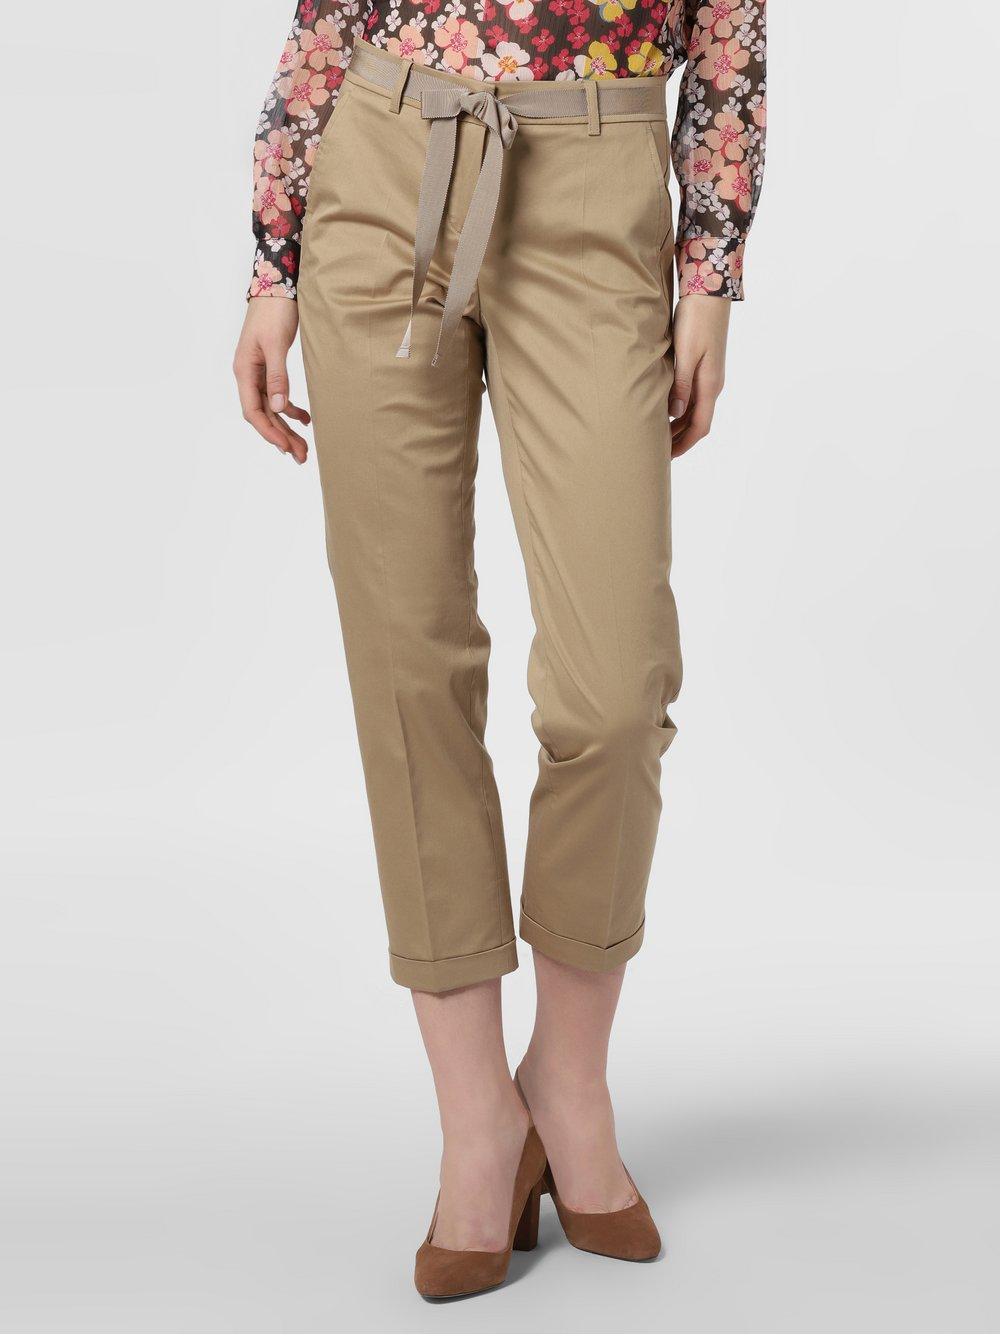 Cambio - Spodnie damskie – Ginger, beżowy